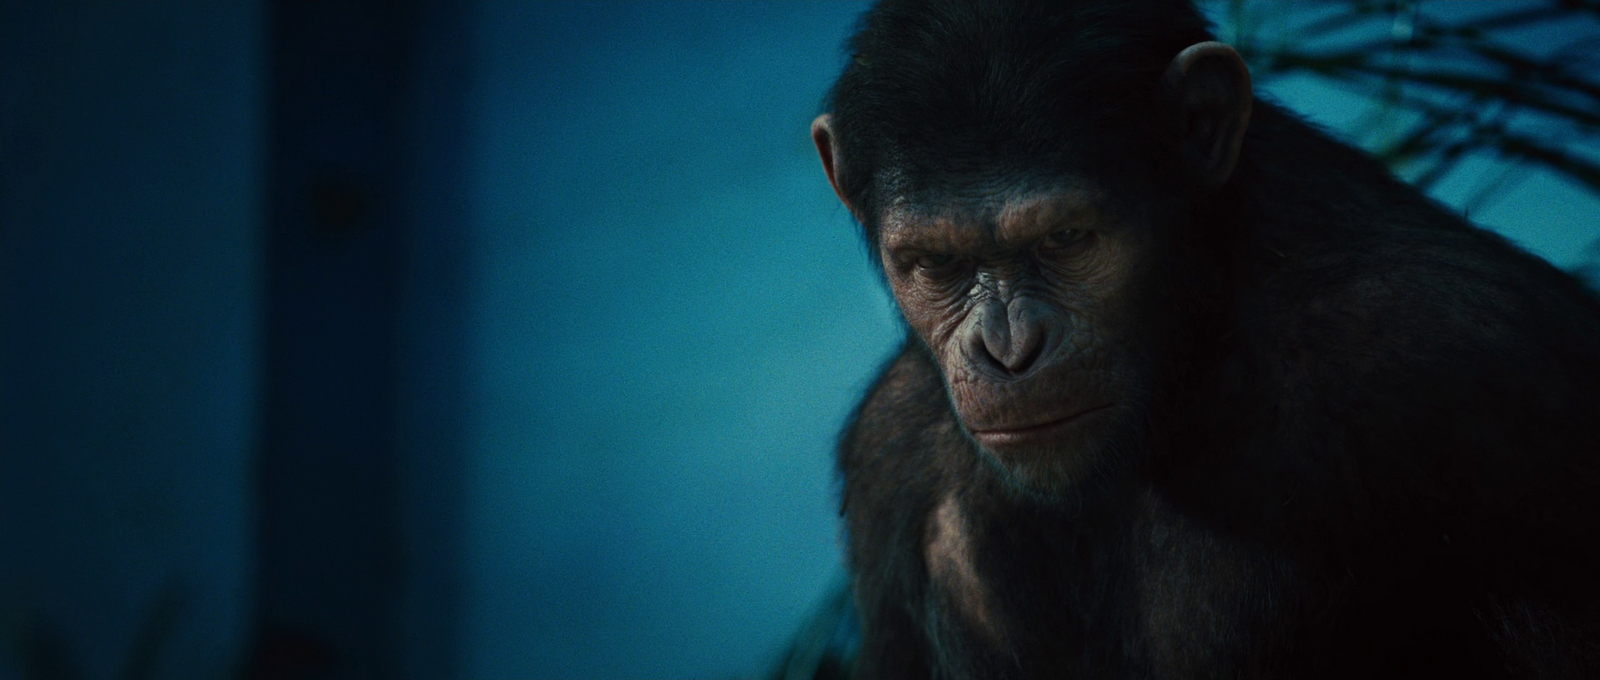 скачать планета обезьян 1968 торрент